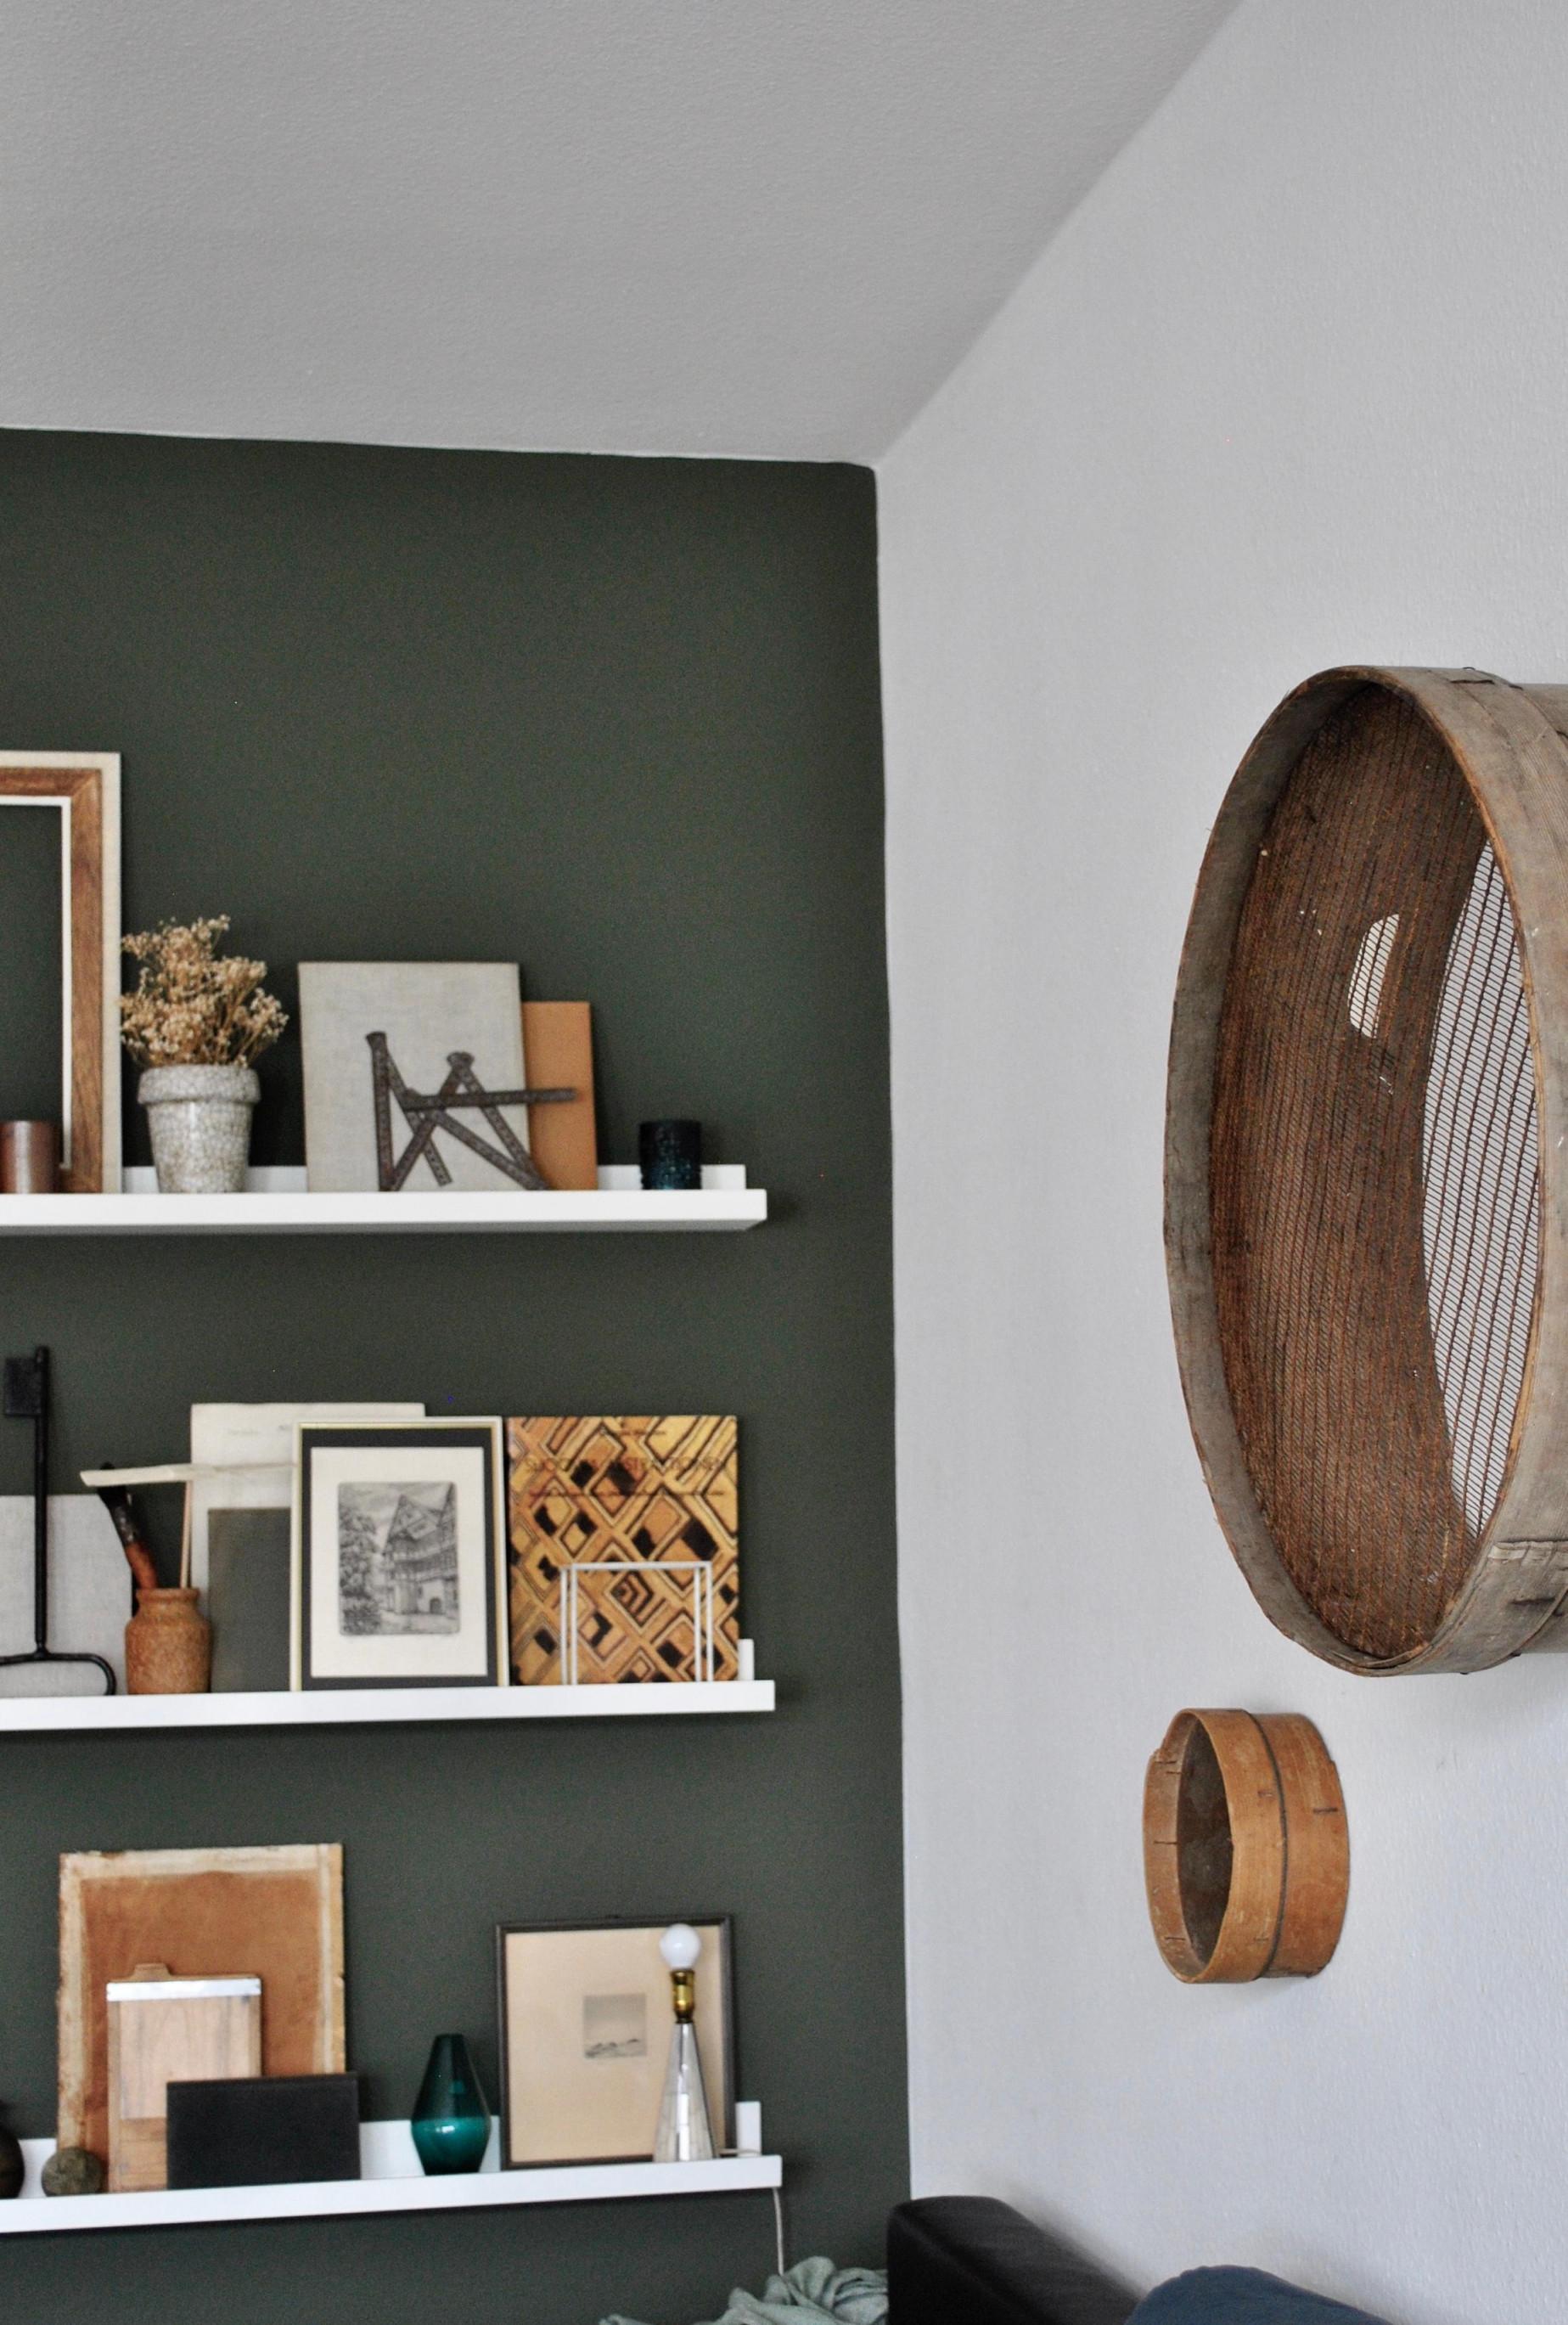 Bücherregal So Wird Es Zum Blickfang von Bücherregal Wohnzimmer Ideen Bild